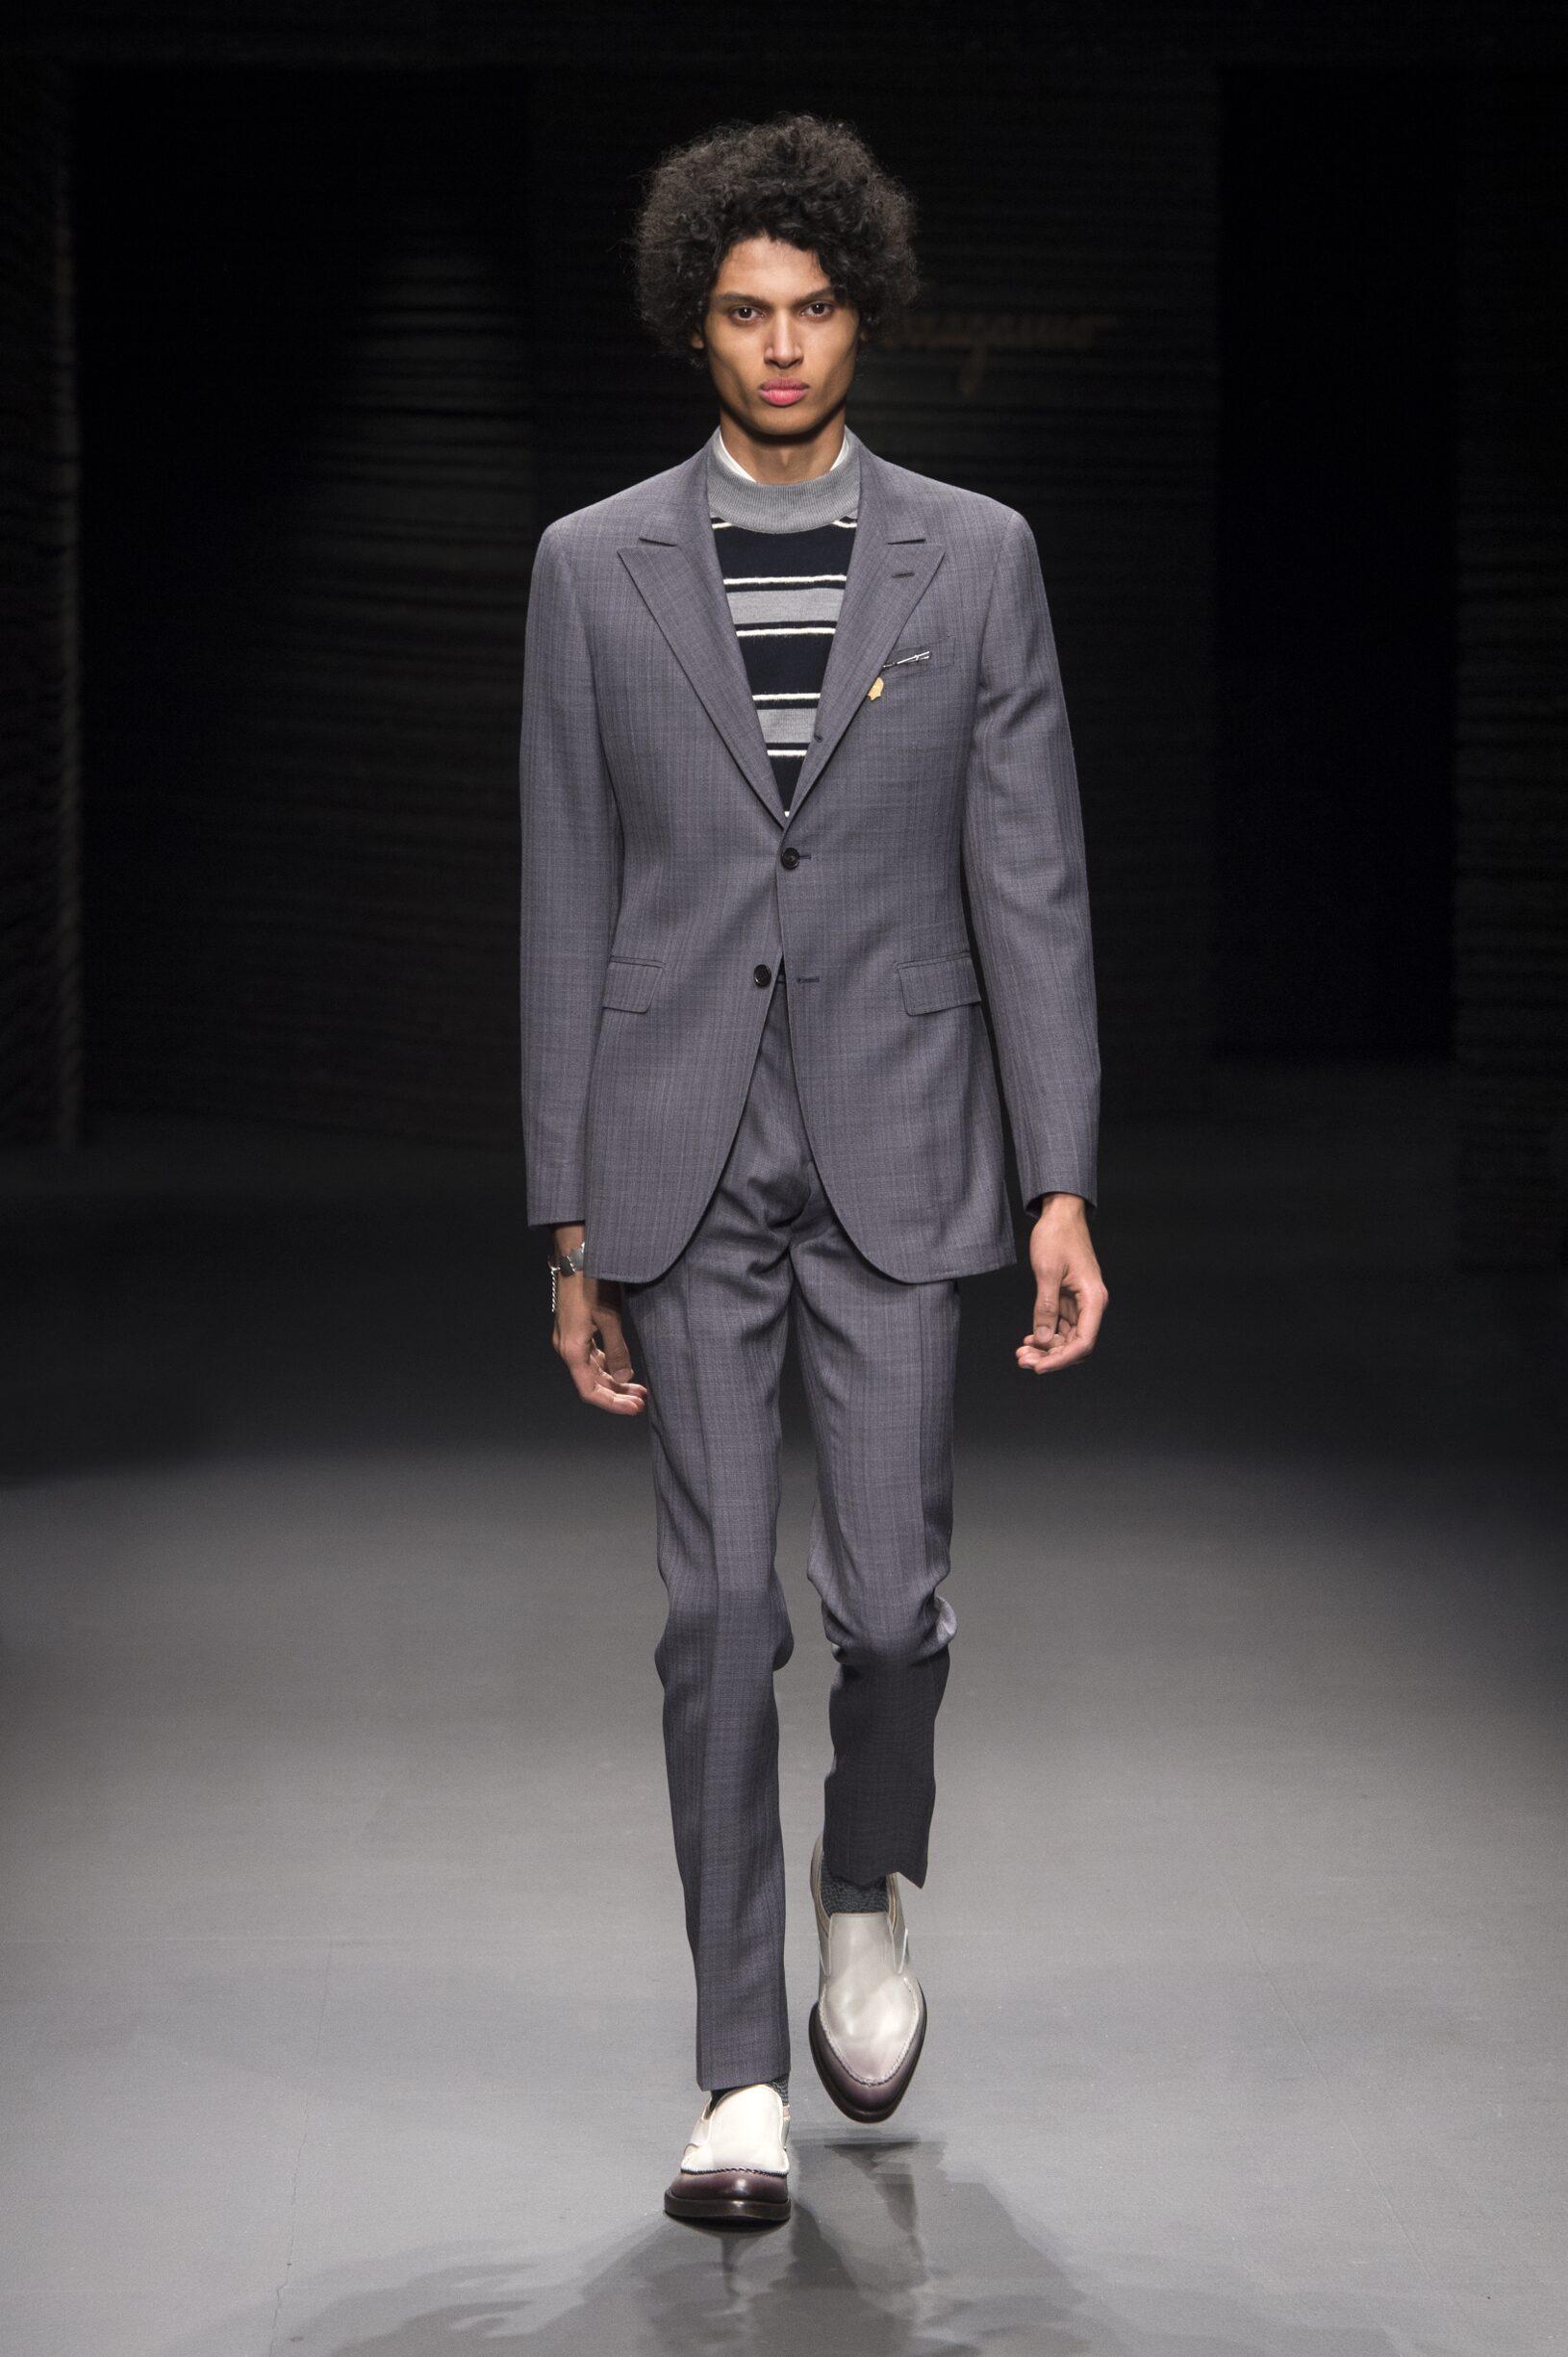 Menswear FW Salvatore Ferragamo 2017